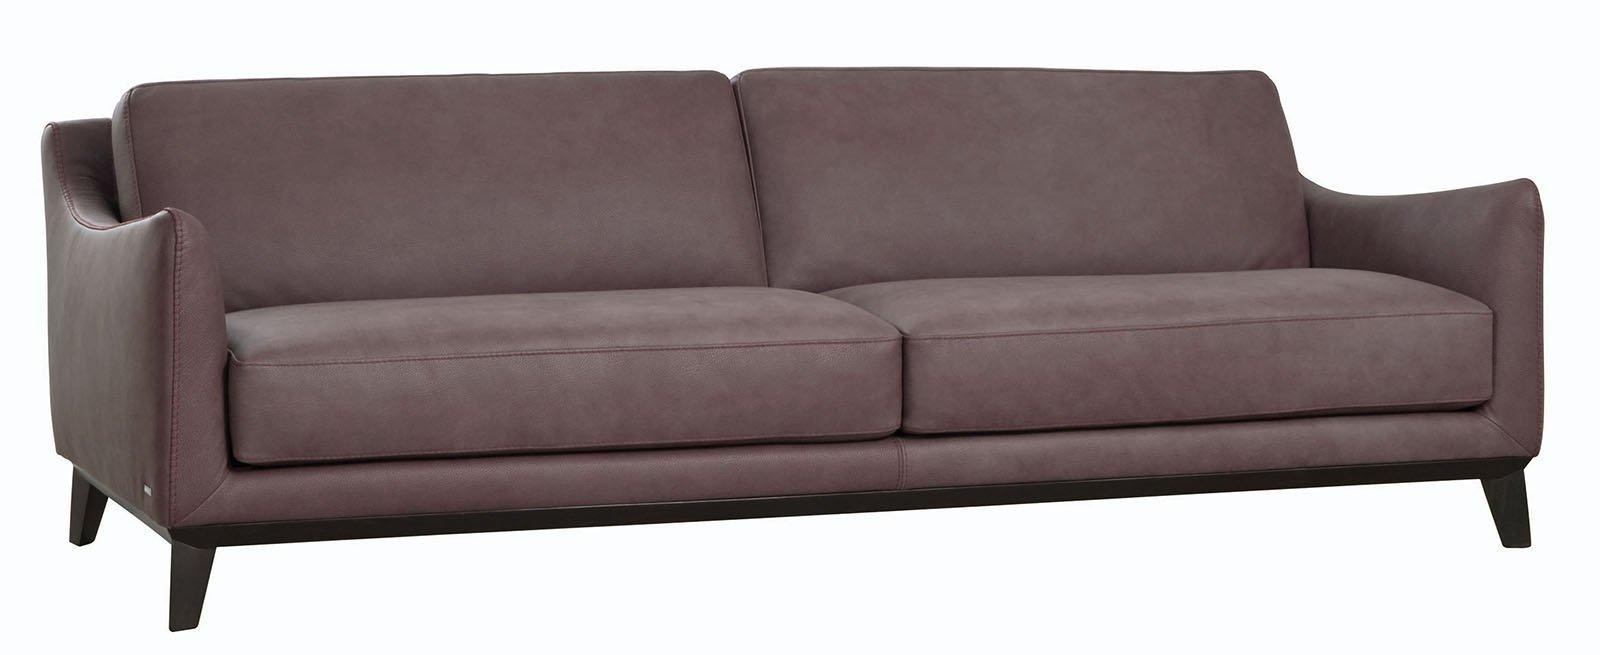 La Roche Bobois Divani. Latest Seats Of The Collection Nouveaux ...